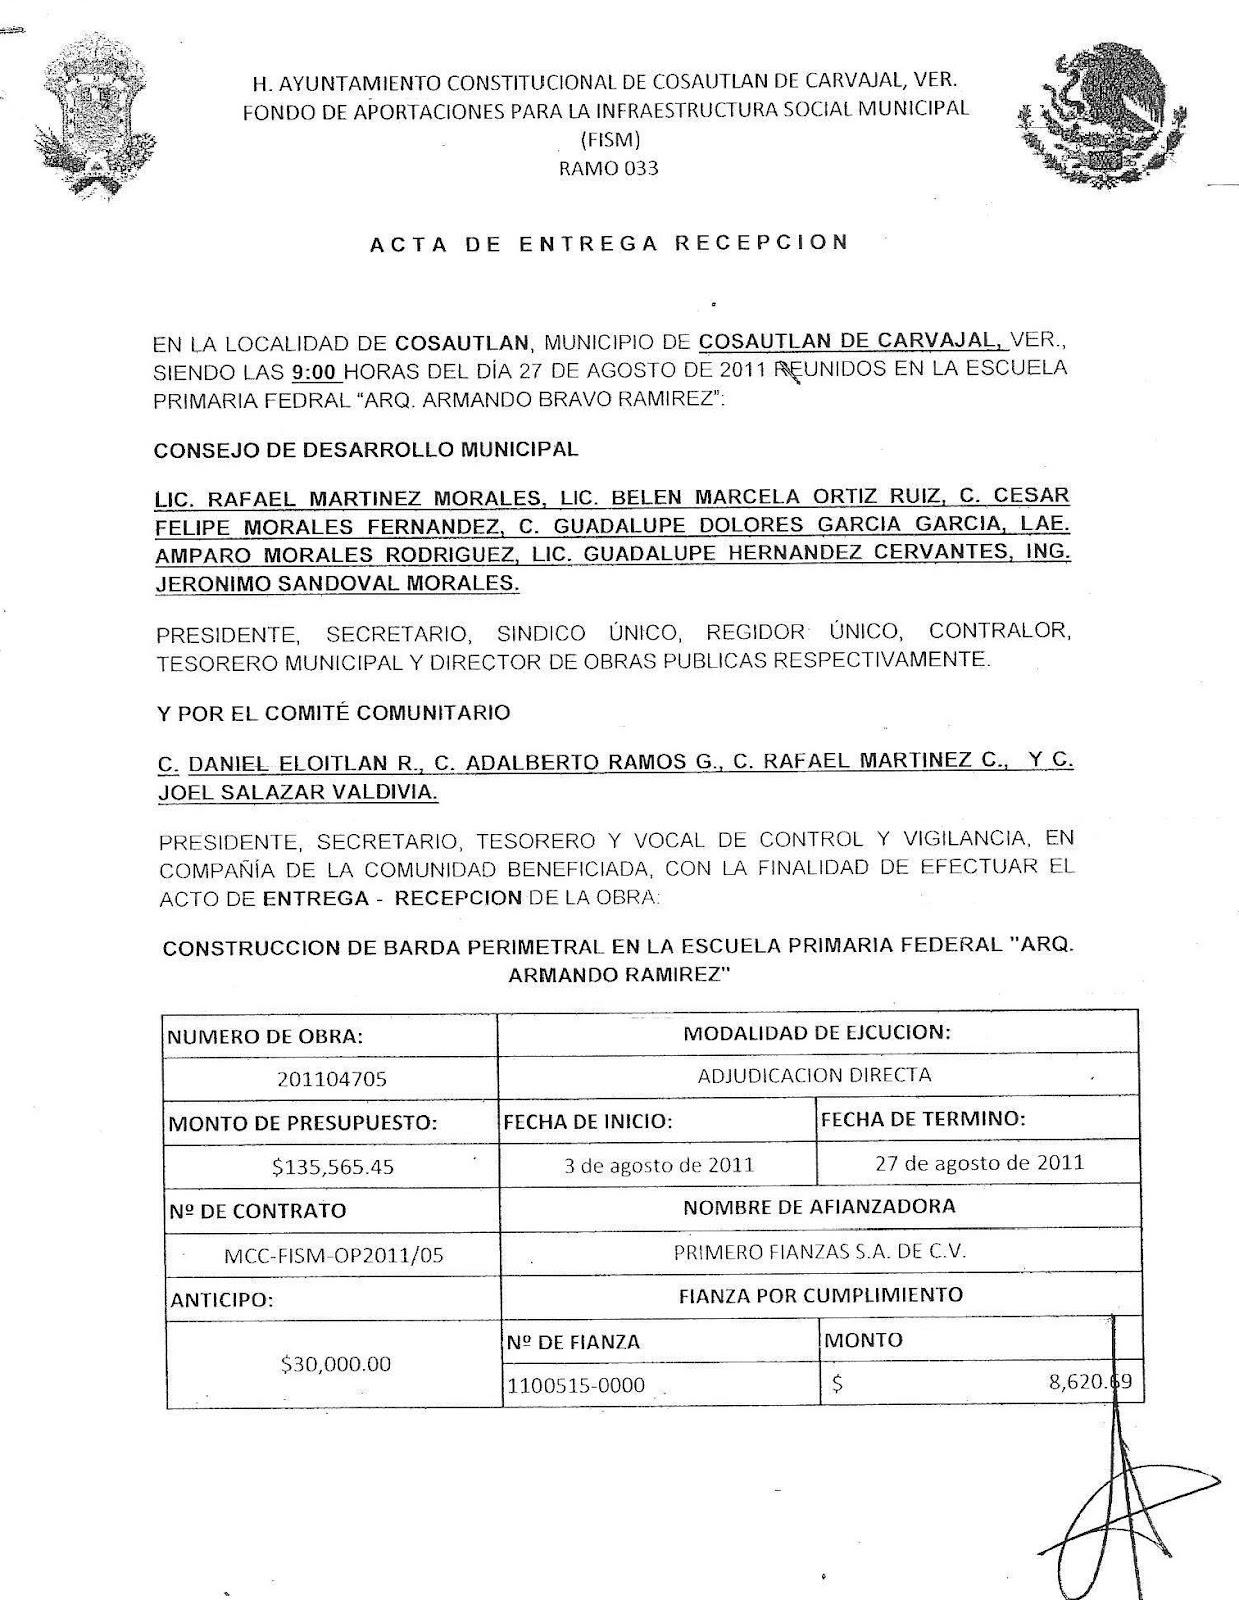 VIVIENDAS DE COSAUTLÁN EN RIESGO POR OBRA DEL AYUNTAMIENTO